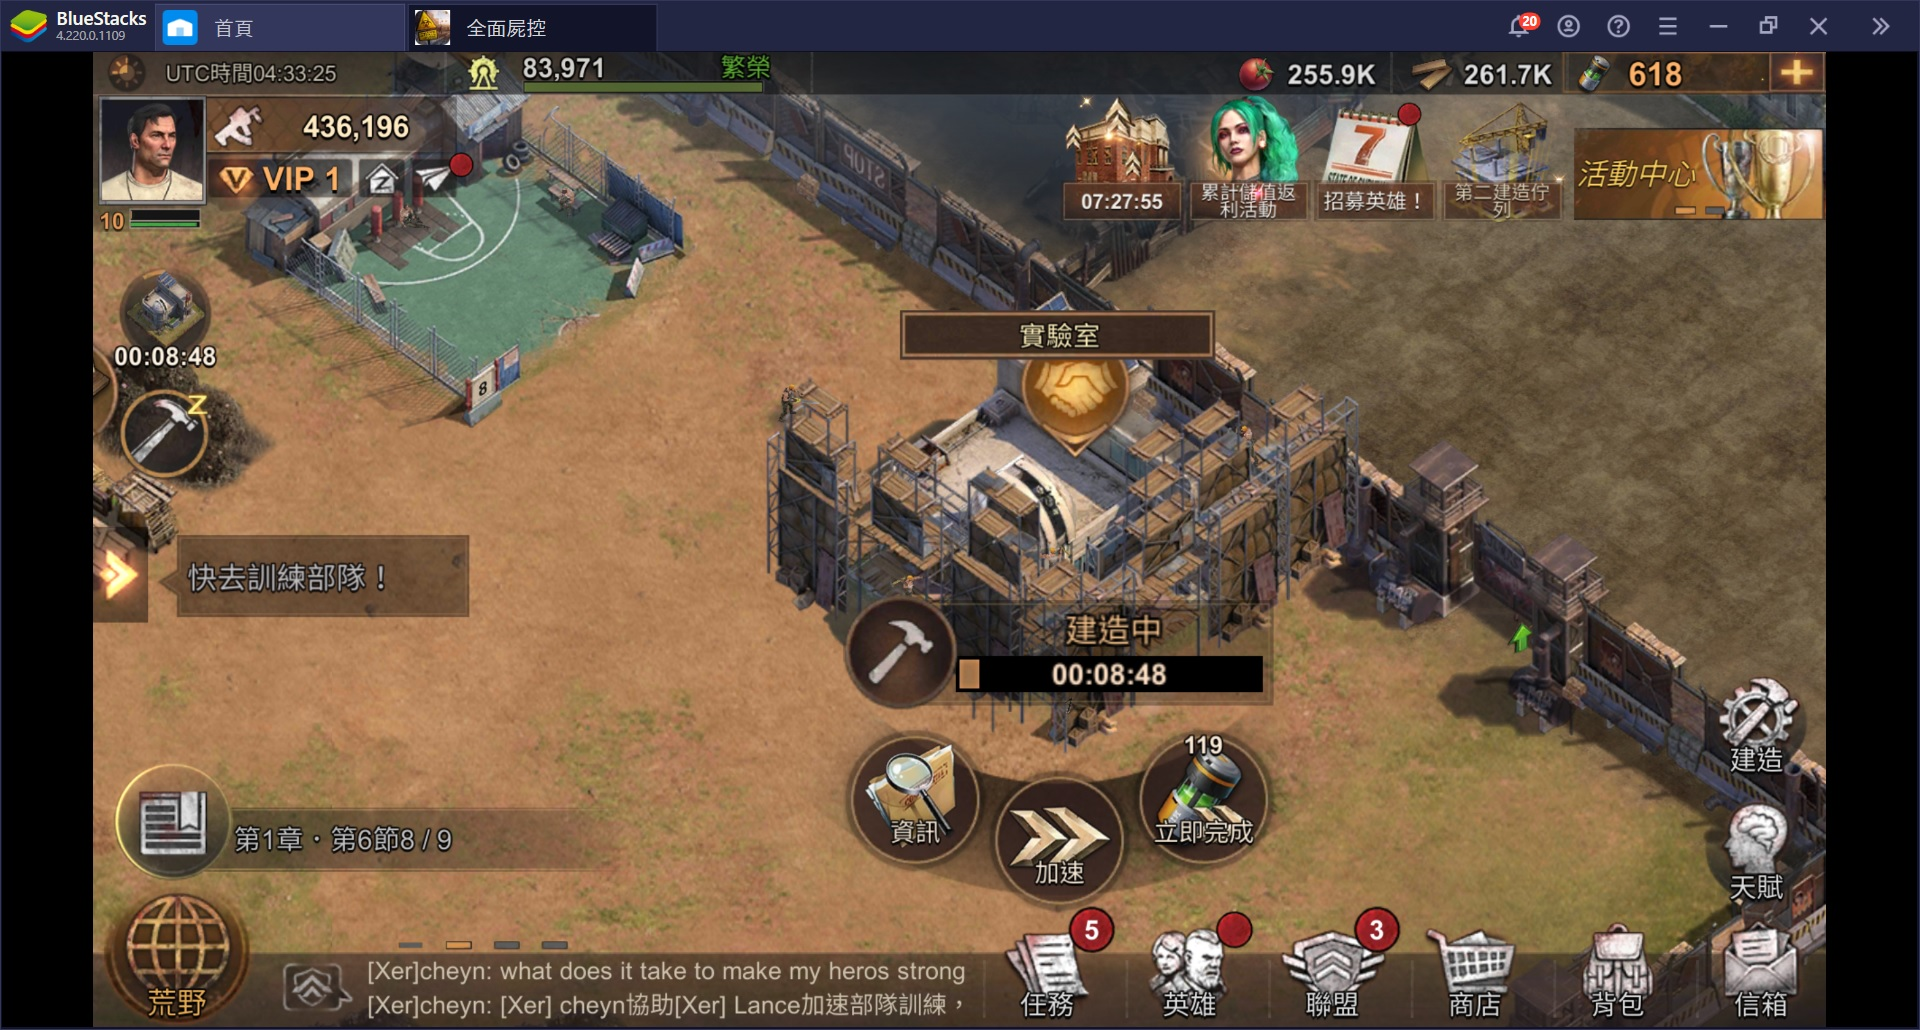 使用BlueStacks在PC上體驗喪屍題材末日生存策略手機遊戲《全面屍控 State of Survival》